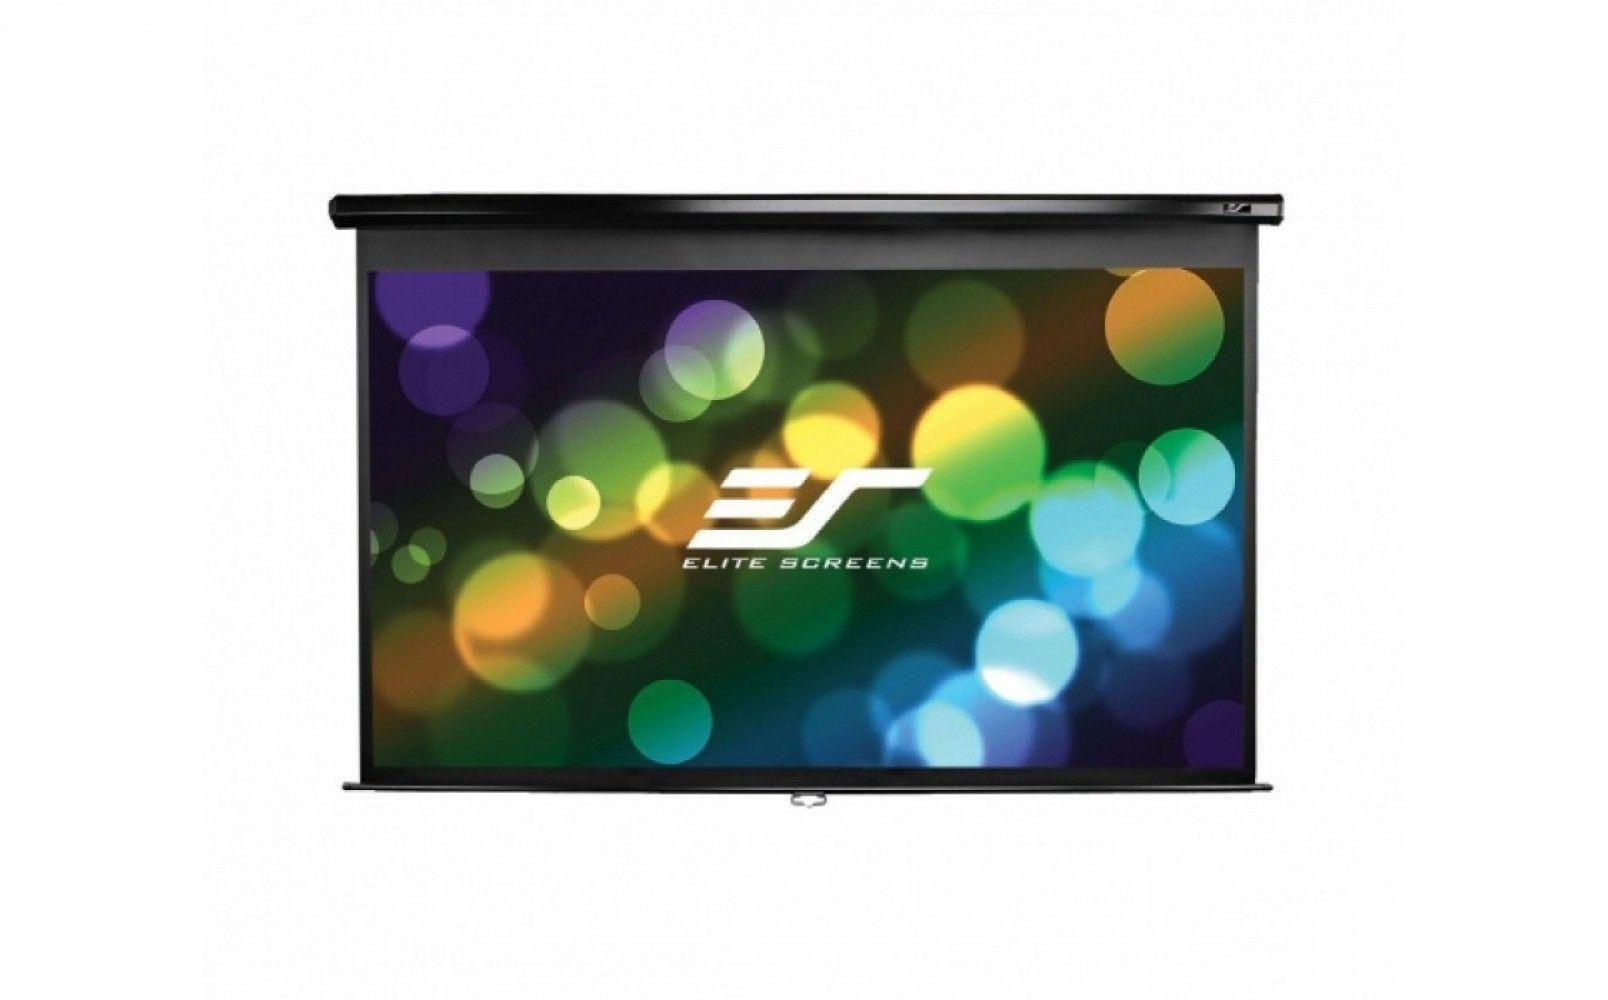 Купить Проекционный экран Elite Screens с механизмом возврата (M94NWX) White case